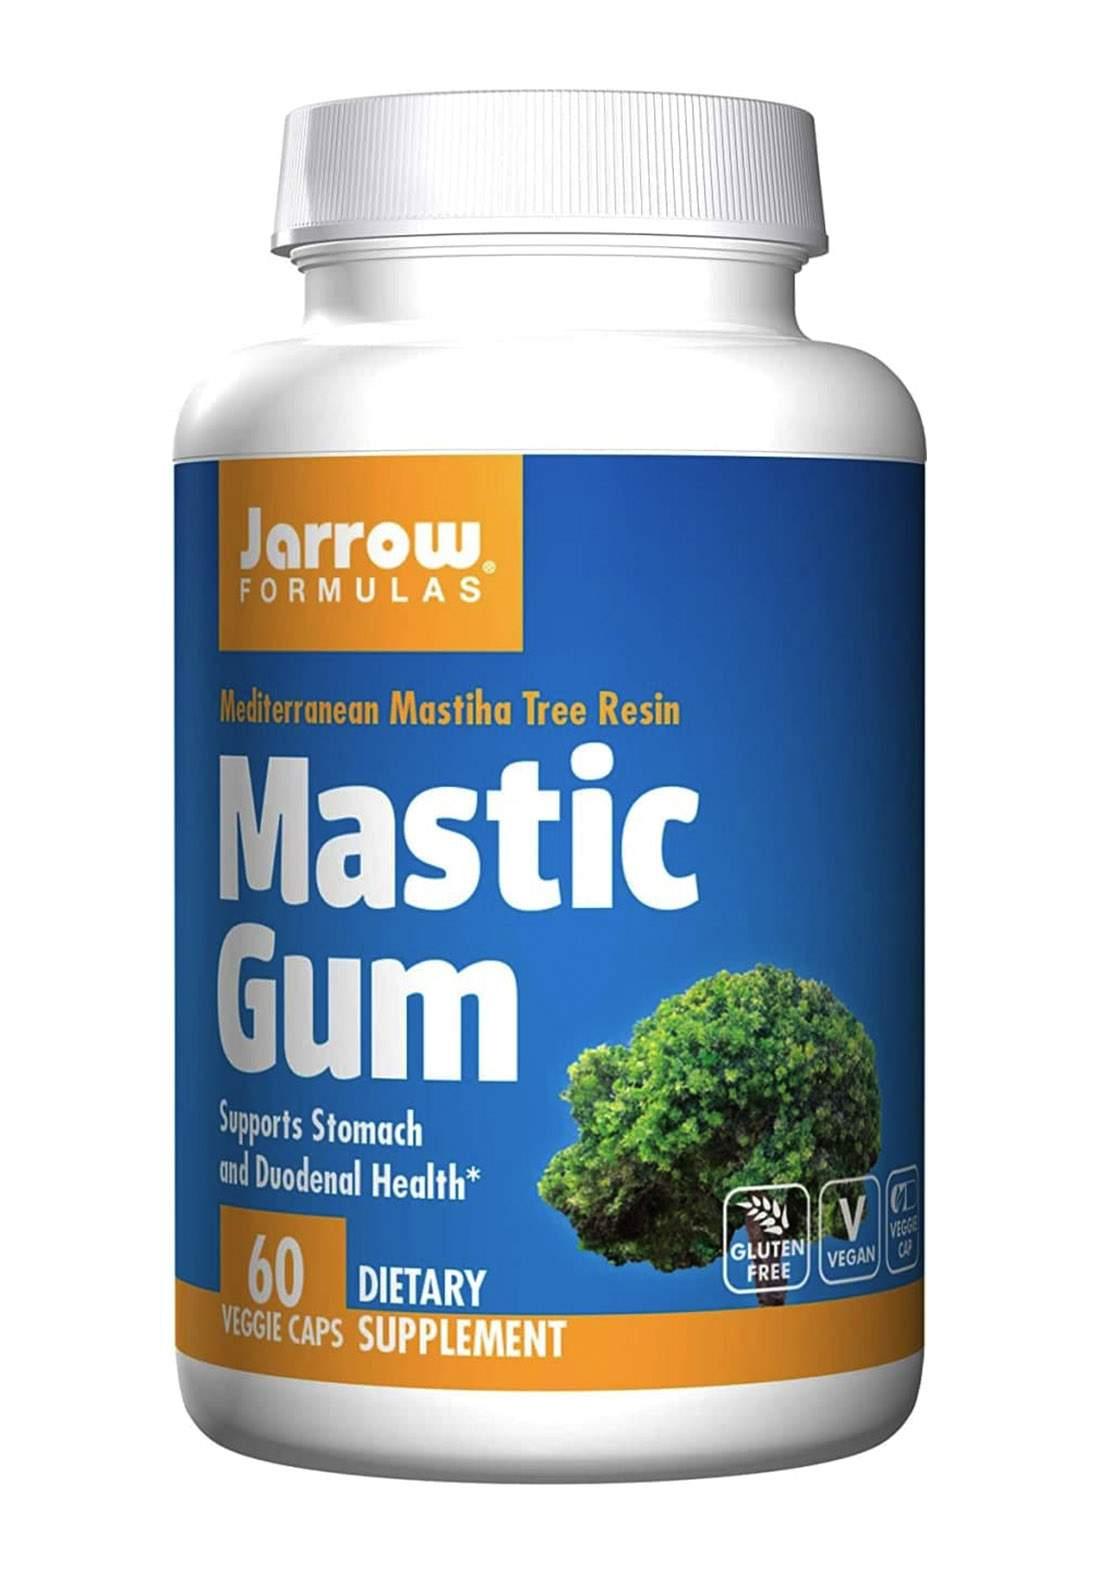 Jarrow Formulas Mastic Gum 1000 mg - 60 Vegetarian Capsules مكمل غذائي